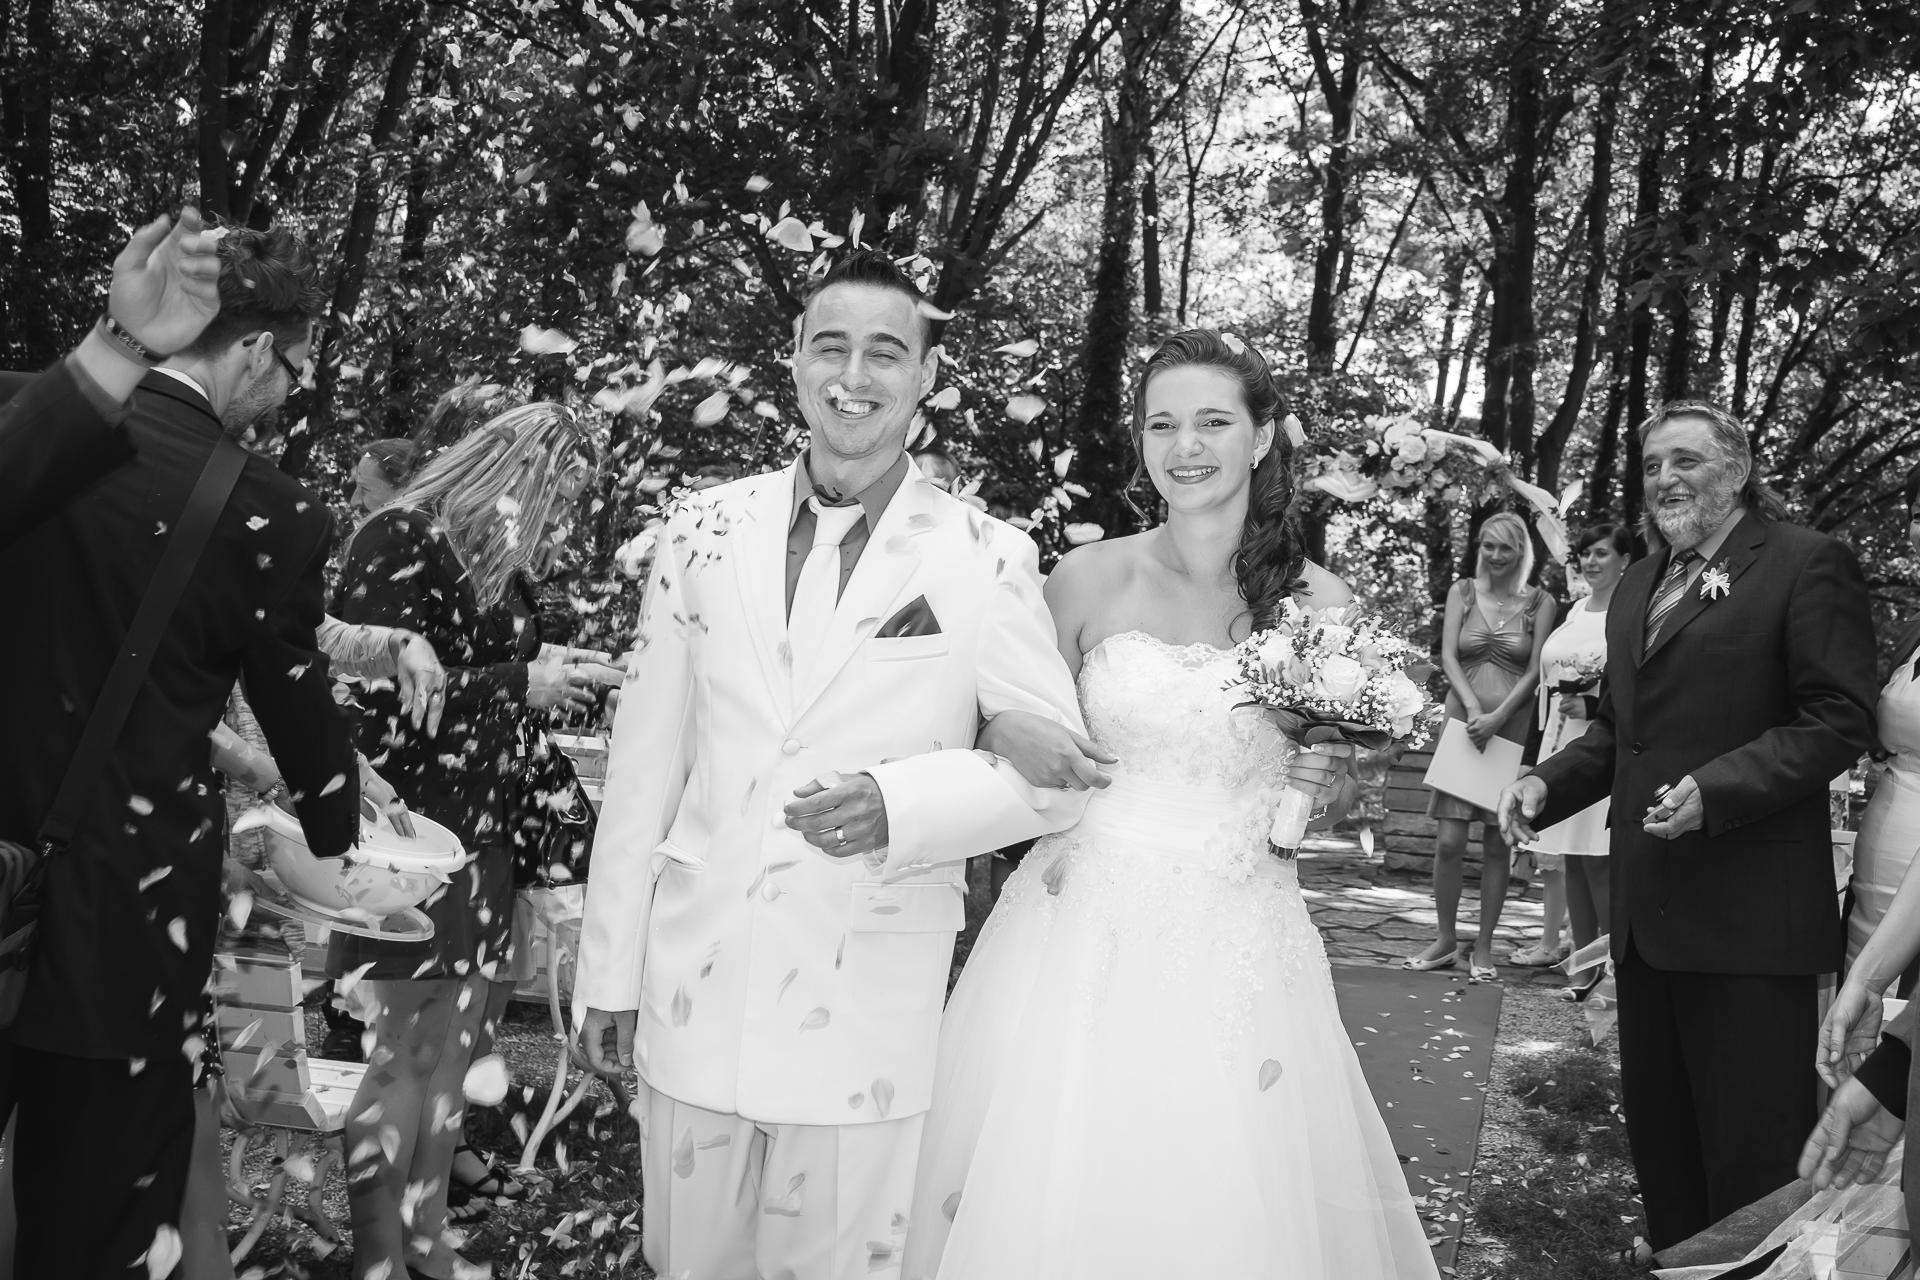 Svatební fotografie Lucie a Milan Zámek Loučeň - Svatební fotograf Studio Beautyfoto